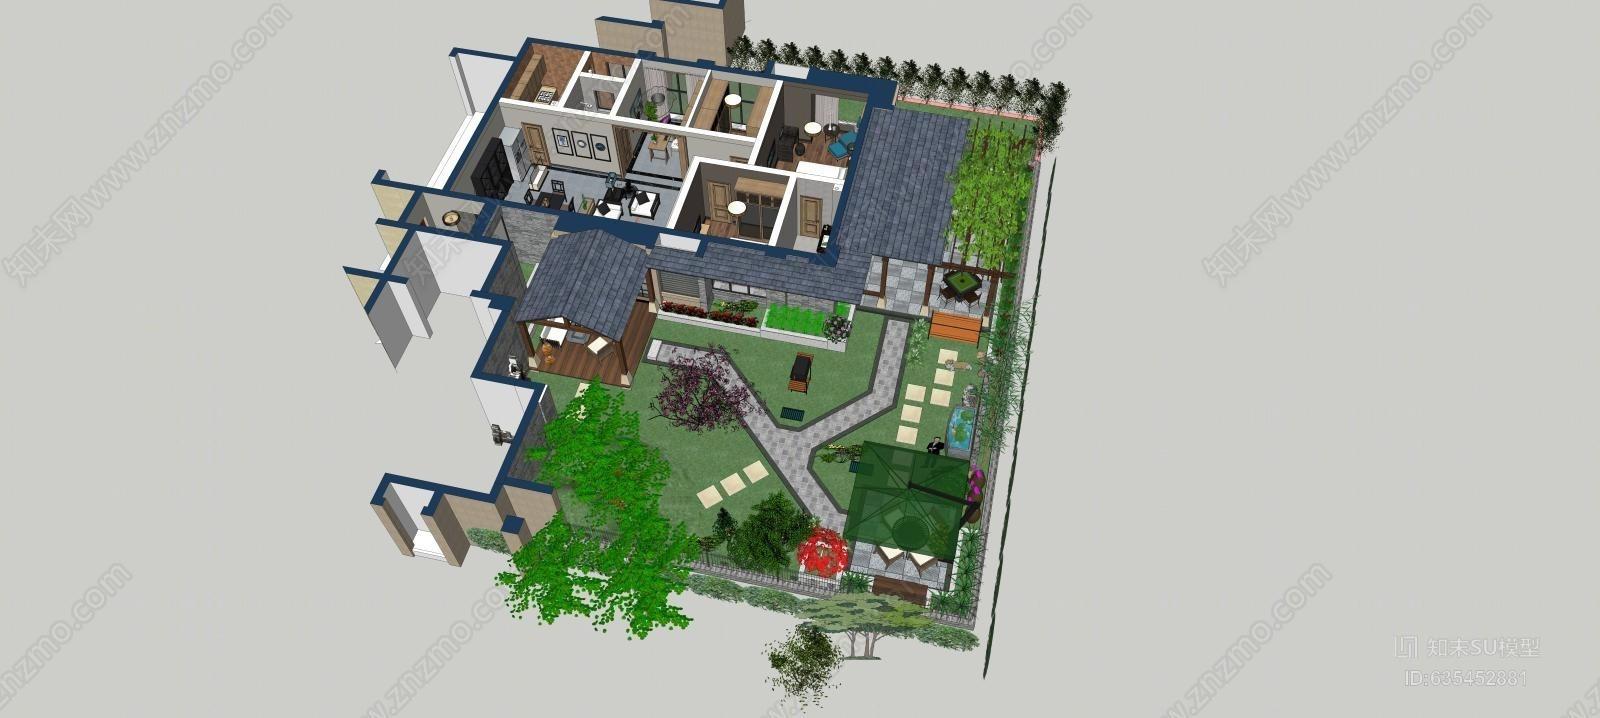 别墅花园 景观 屋顶花园